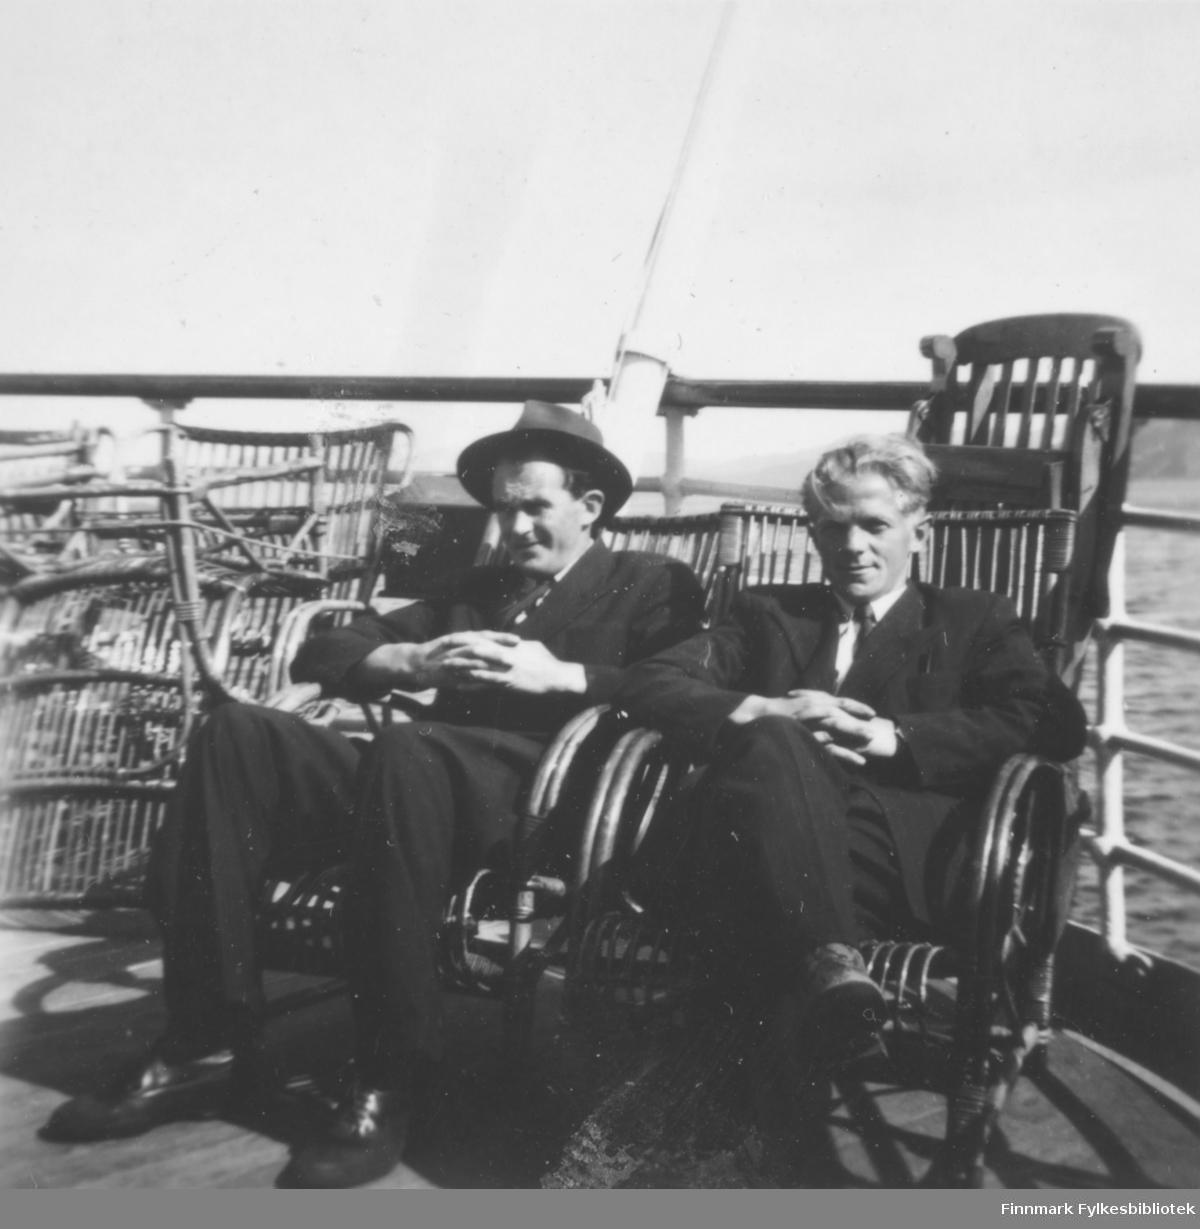 Ombord på hurtigruta, på vei til eller fra repetisjonsøvelse på Drevjamoen, ca. 1955-1956. Til høyre Thorleif Pedersen, mannen til venstre er ukjent